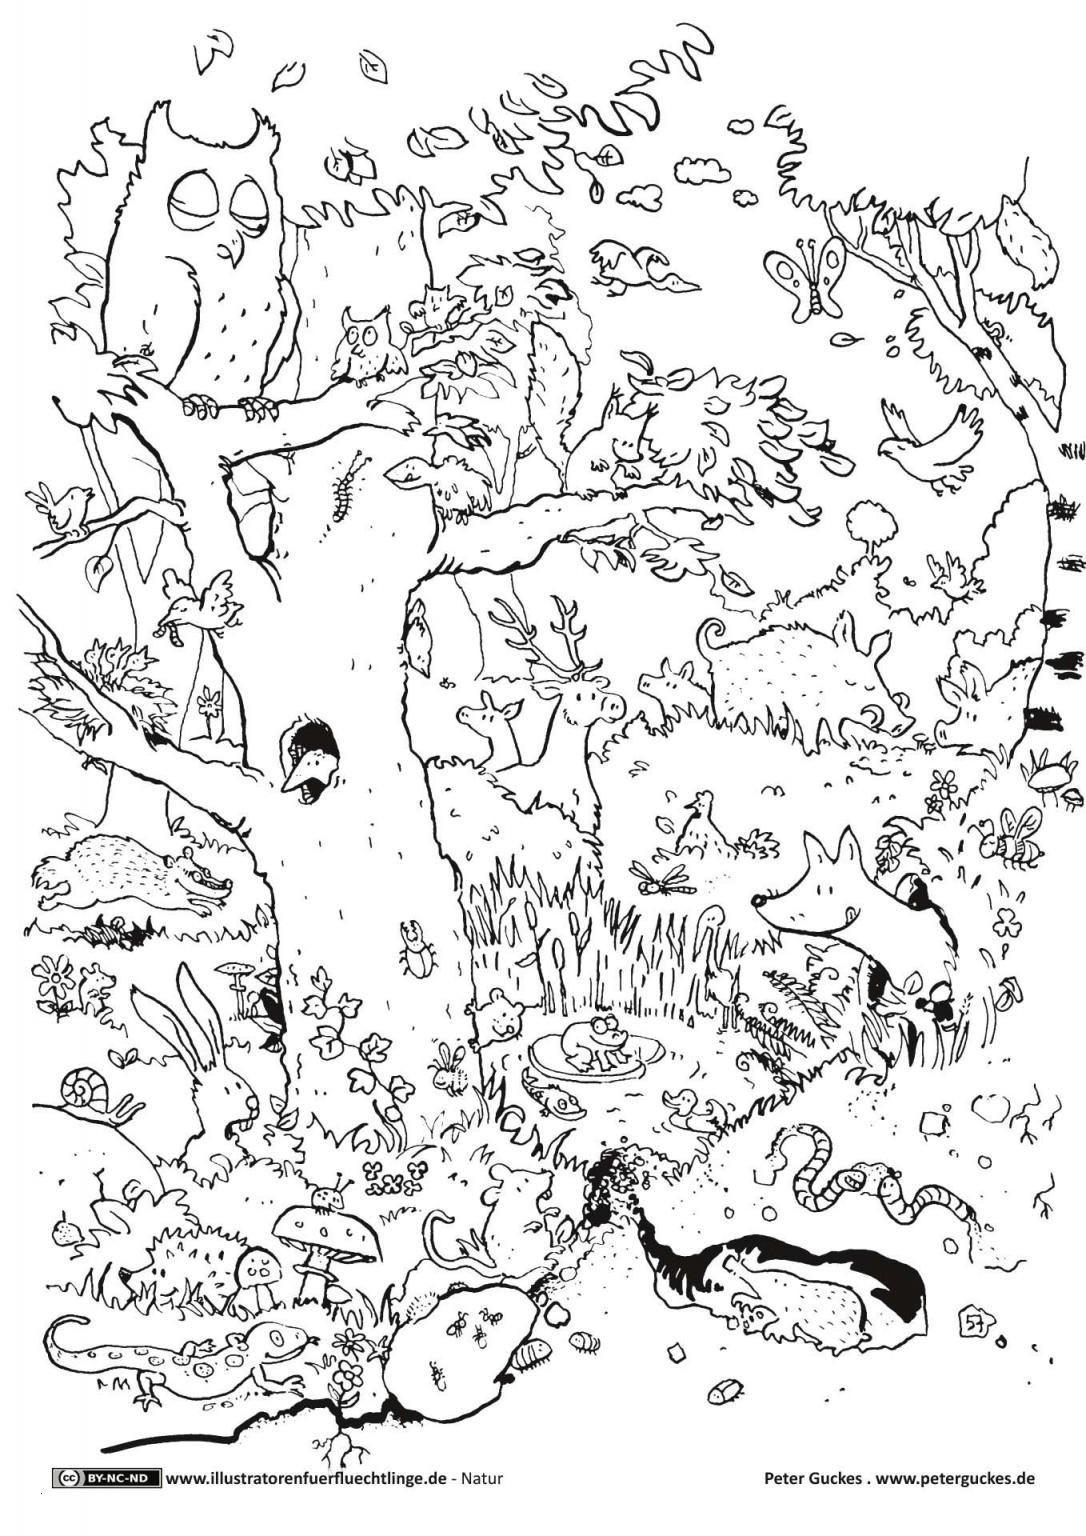 Adler Zeichnungen Zum Ausmalen Neu Malvorlagen Igel Best Igel Grundschule 0d Archives Uploadertalk Das Bild